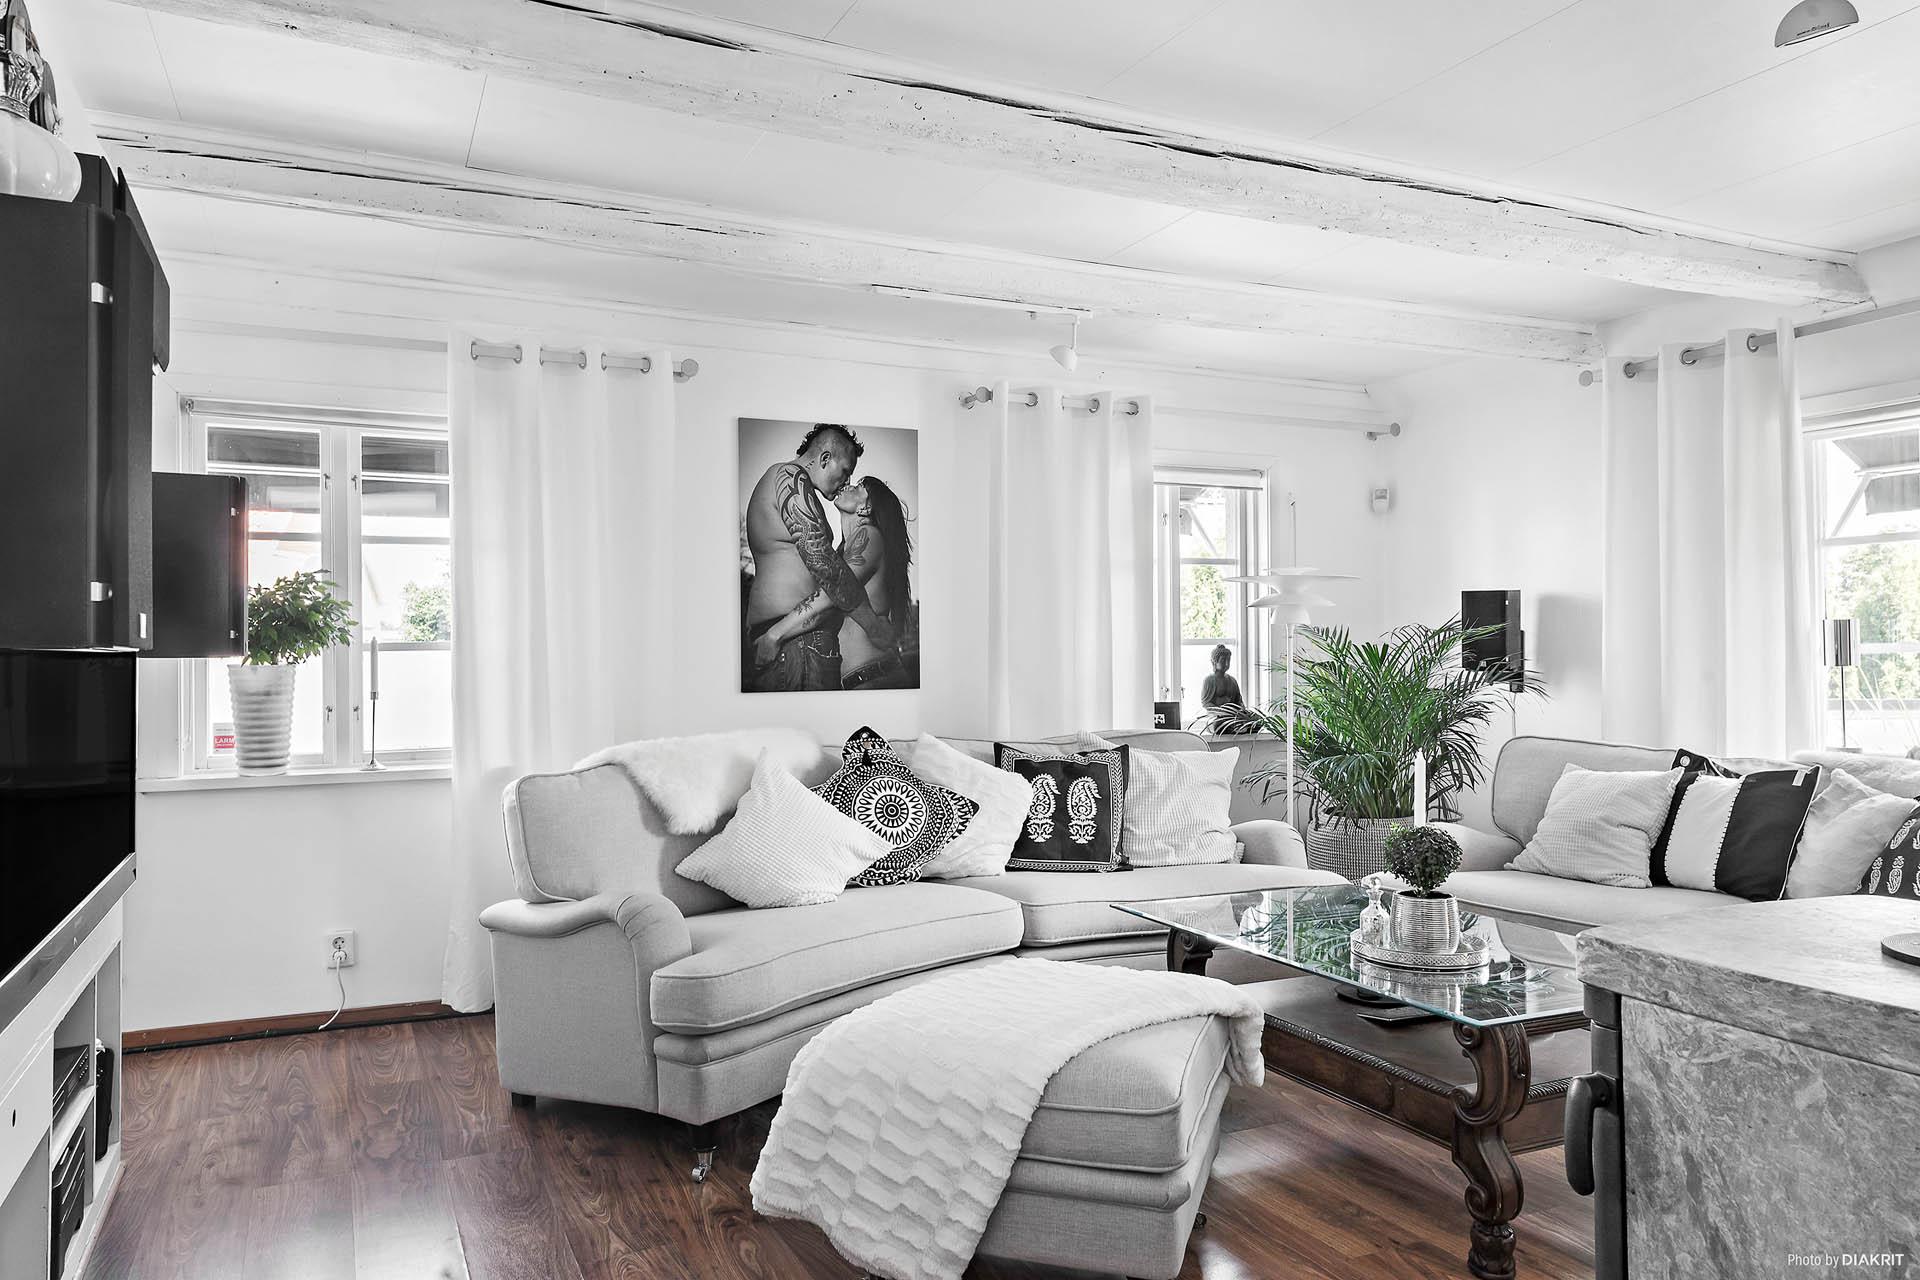 Så har vi vardagsrummet. Har ni tänkt på det genomgående golvet? Överallt exkluderat från badrum och hall. Generöst med vackra äldre fönster. Precis som det ska vara.